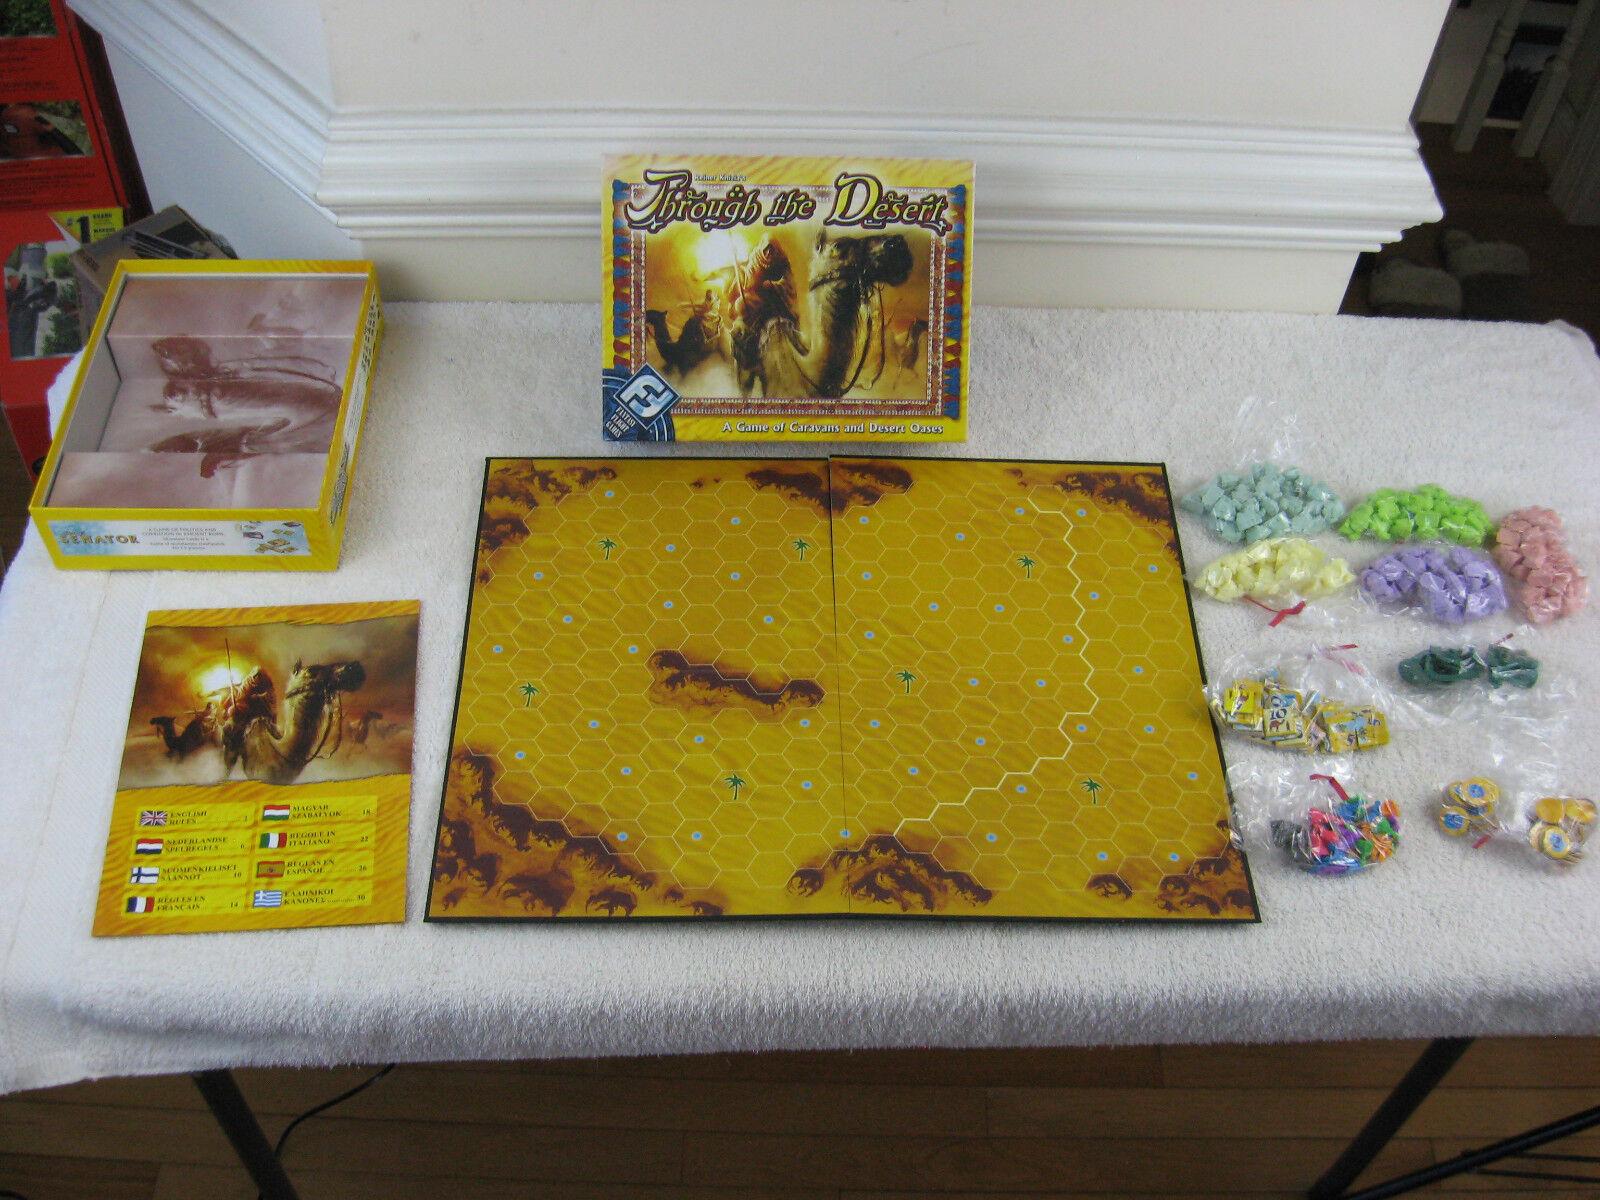 À travers le désert Board Game par Reiner Knizia Fantasy  Flumière-COMPLET  qualité de première classe